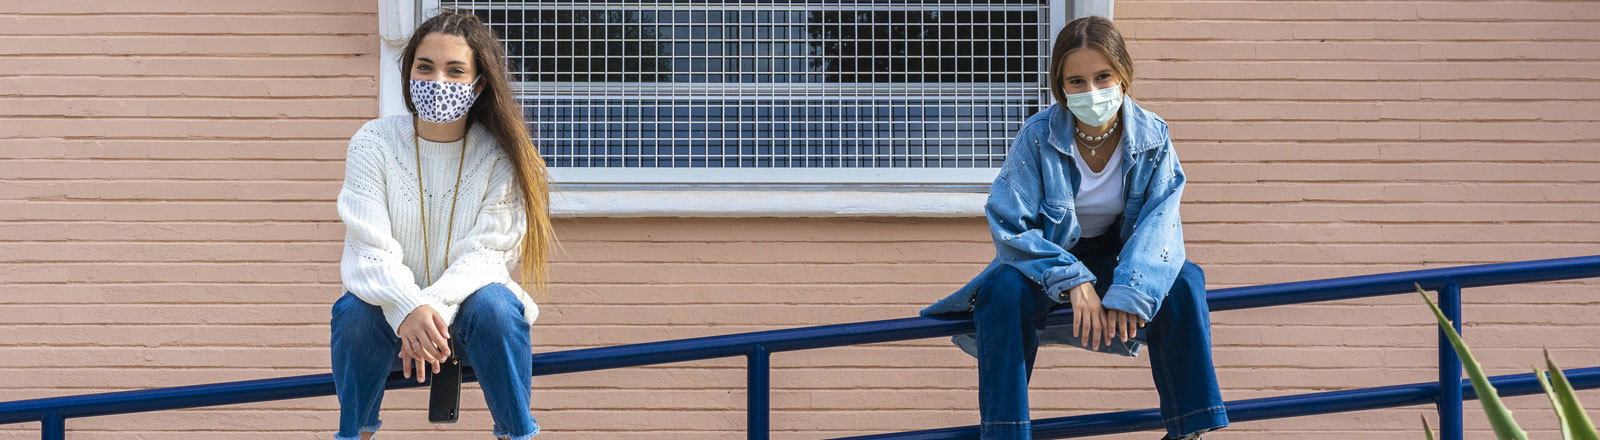 Zwei jugendliche Frauen sitzen mit Abstand zueinander auf einem Treppengeländer.